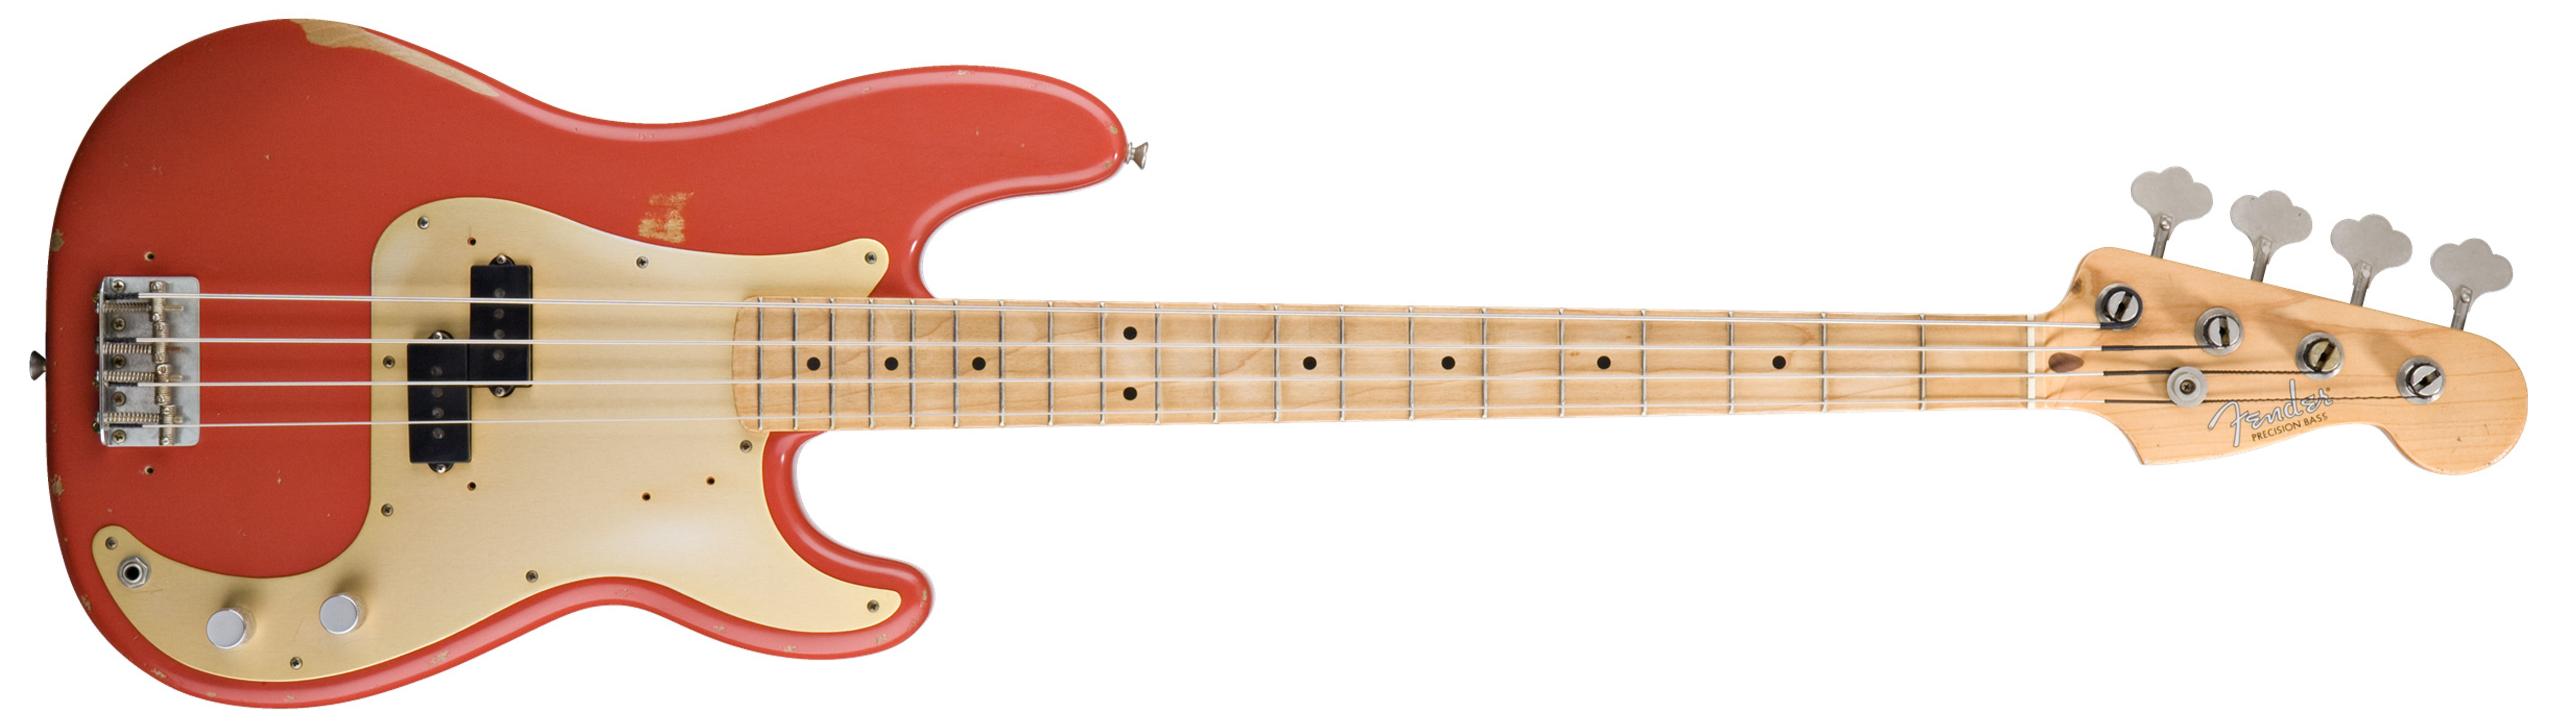 Fein Fender Bass Schaltplan Fotos - Schaltplan Serie Circuit ...